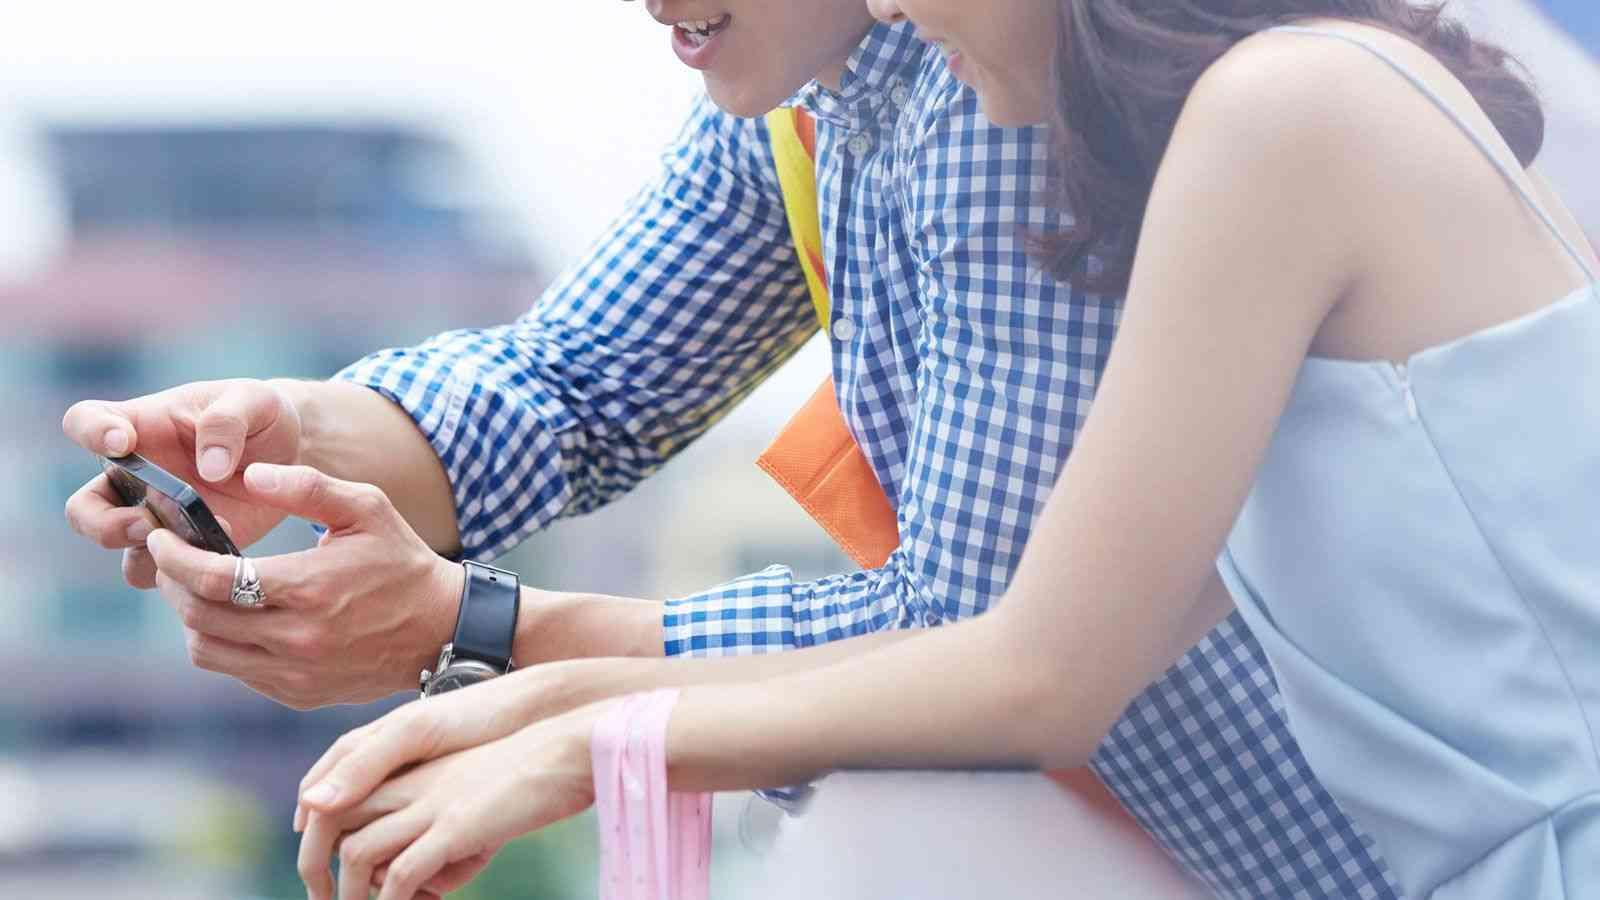 なぜスマホゲームは「不倫」へと発展するのか | 実録!高収入の妻たちのホンネ | 東洋経済オンライン | 経済ニュースの新基準